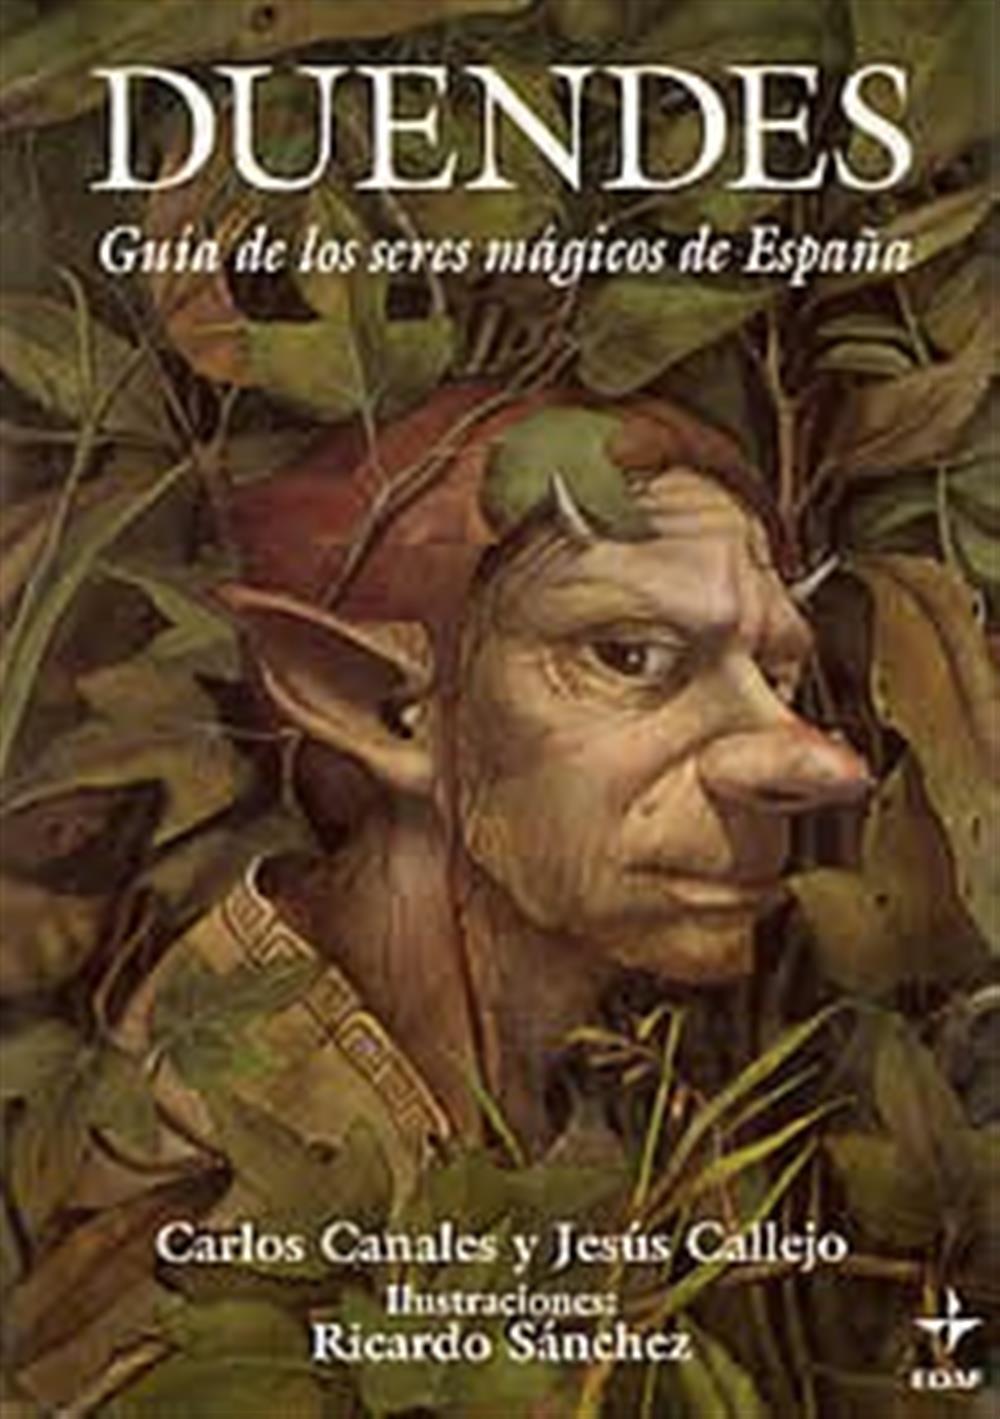 Duendes-Guía de los seres mágicos de España